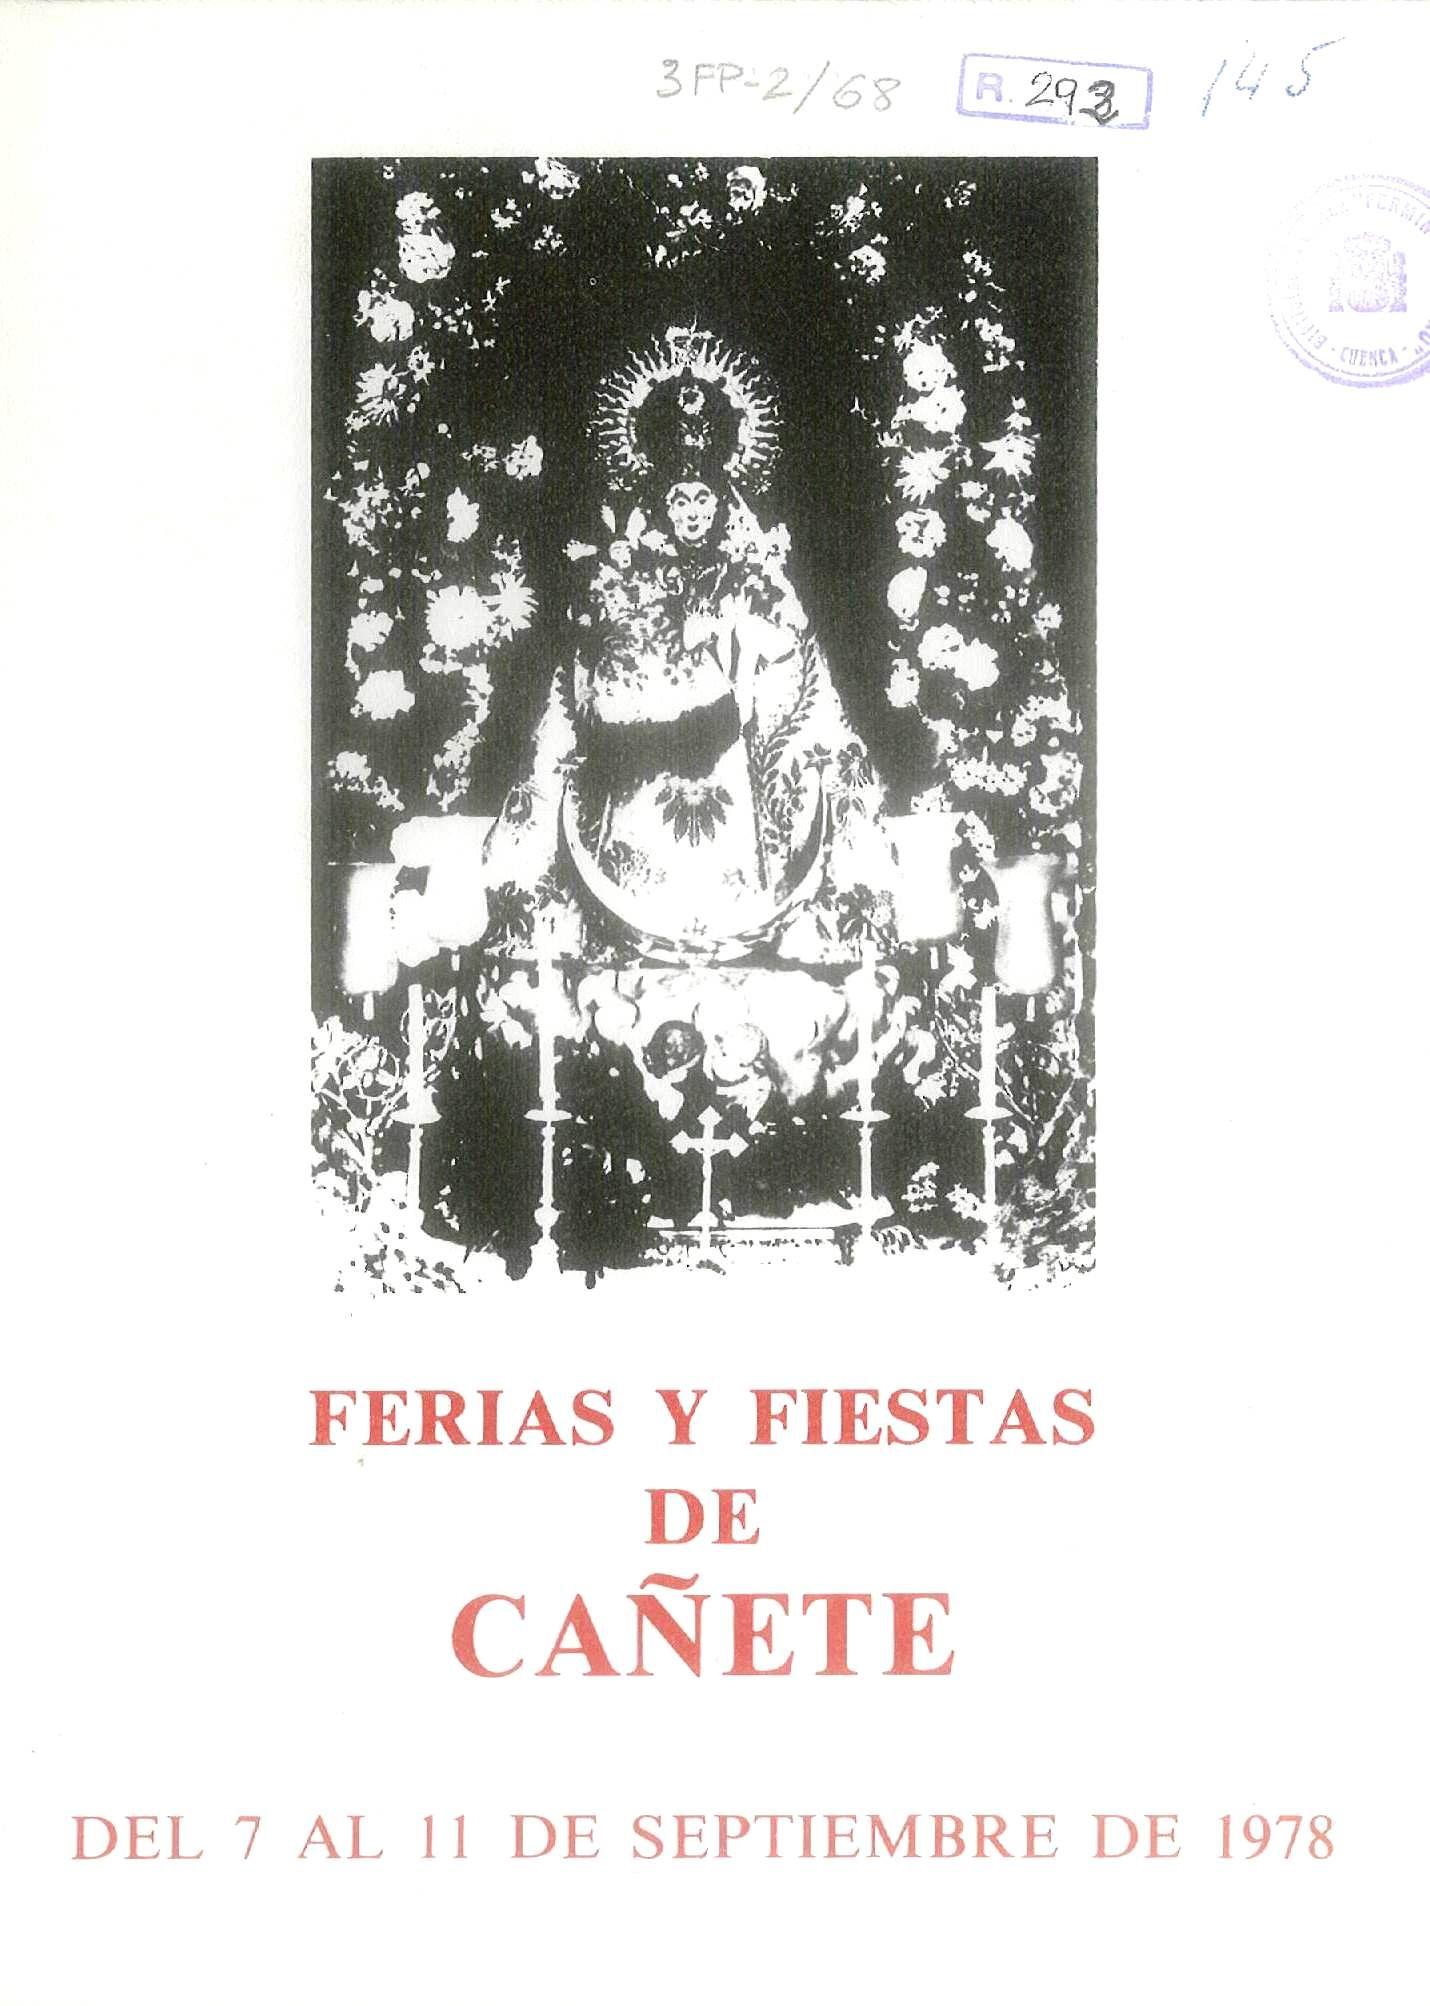 Feria y Fiestas en Cañete (Cuenca), en honor de la Virgen de la Zarza. Del 7 al 9 de septiembre de 1978. Concurso de bebedores de cerveza. #Fiestaspopulares #Cañete #Cuenca